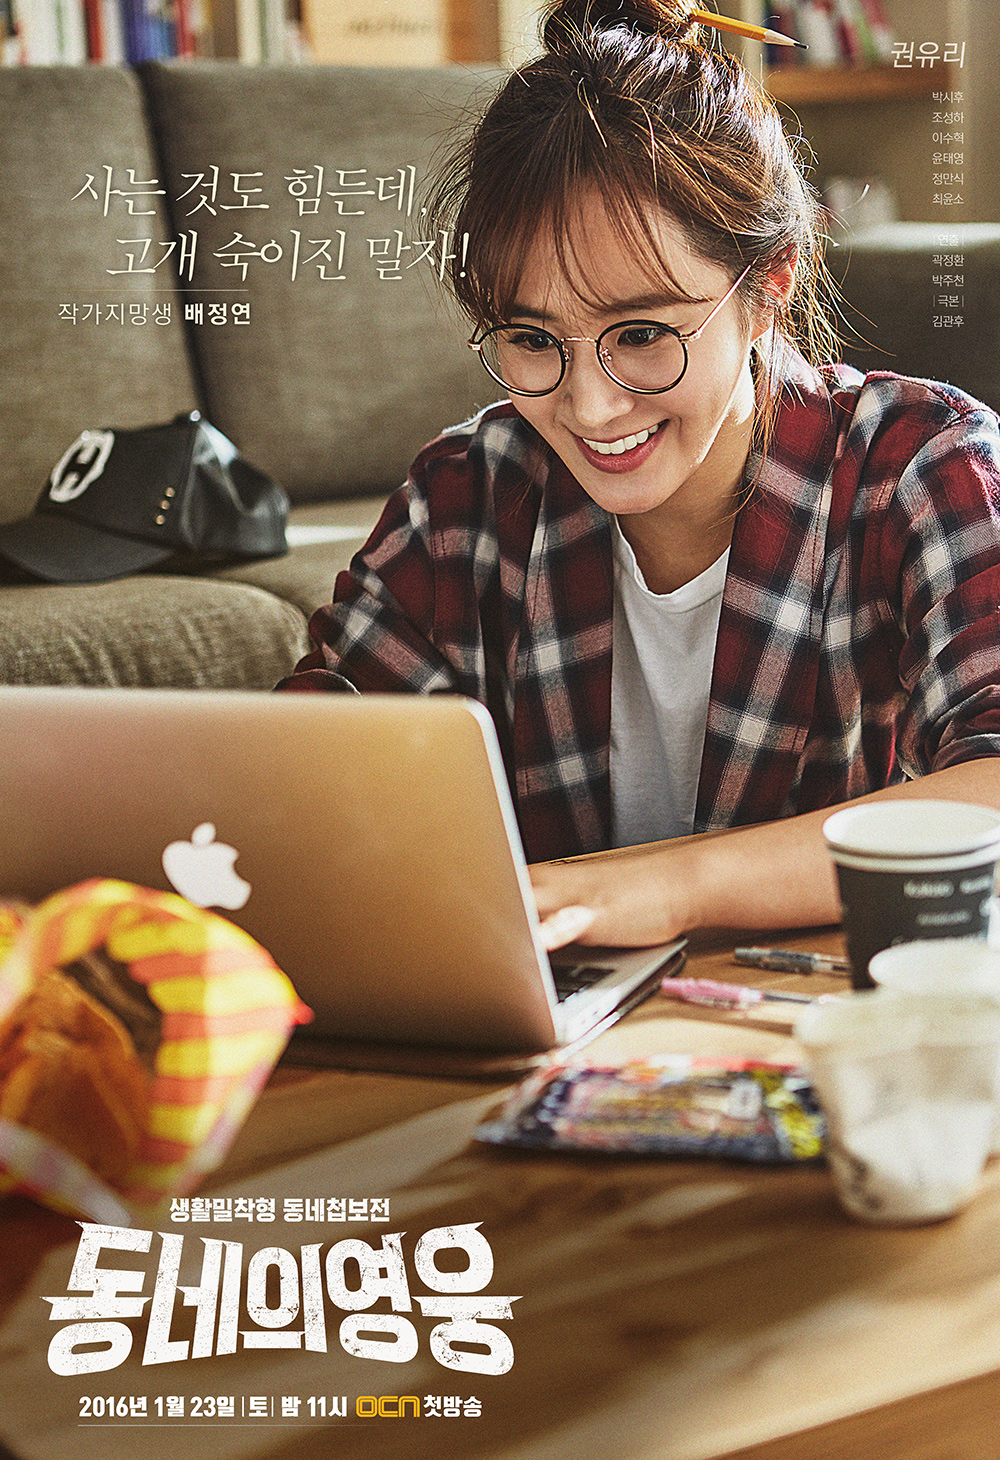 Дорама Герой по соседству (동네의 영웅, Dongneui Youngwoong, Neighborhood's Hero) - каст сериала, промо (03).jpg